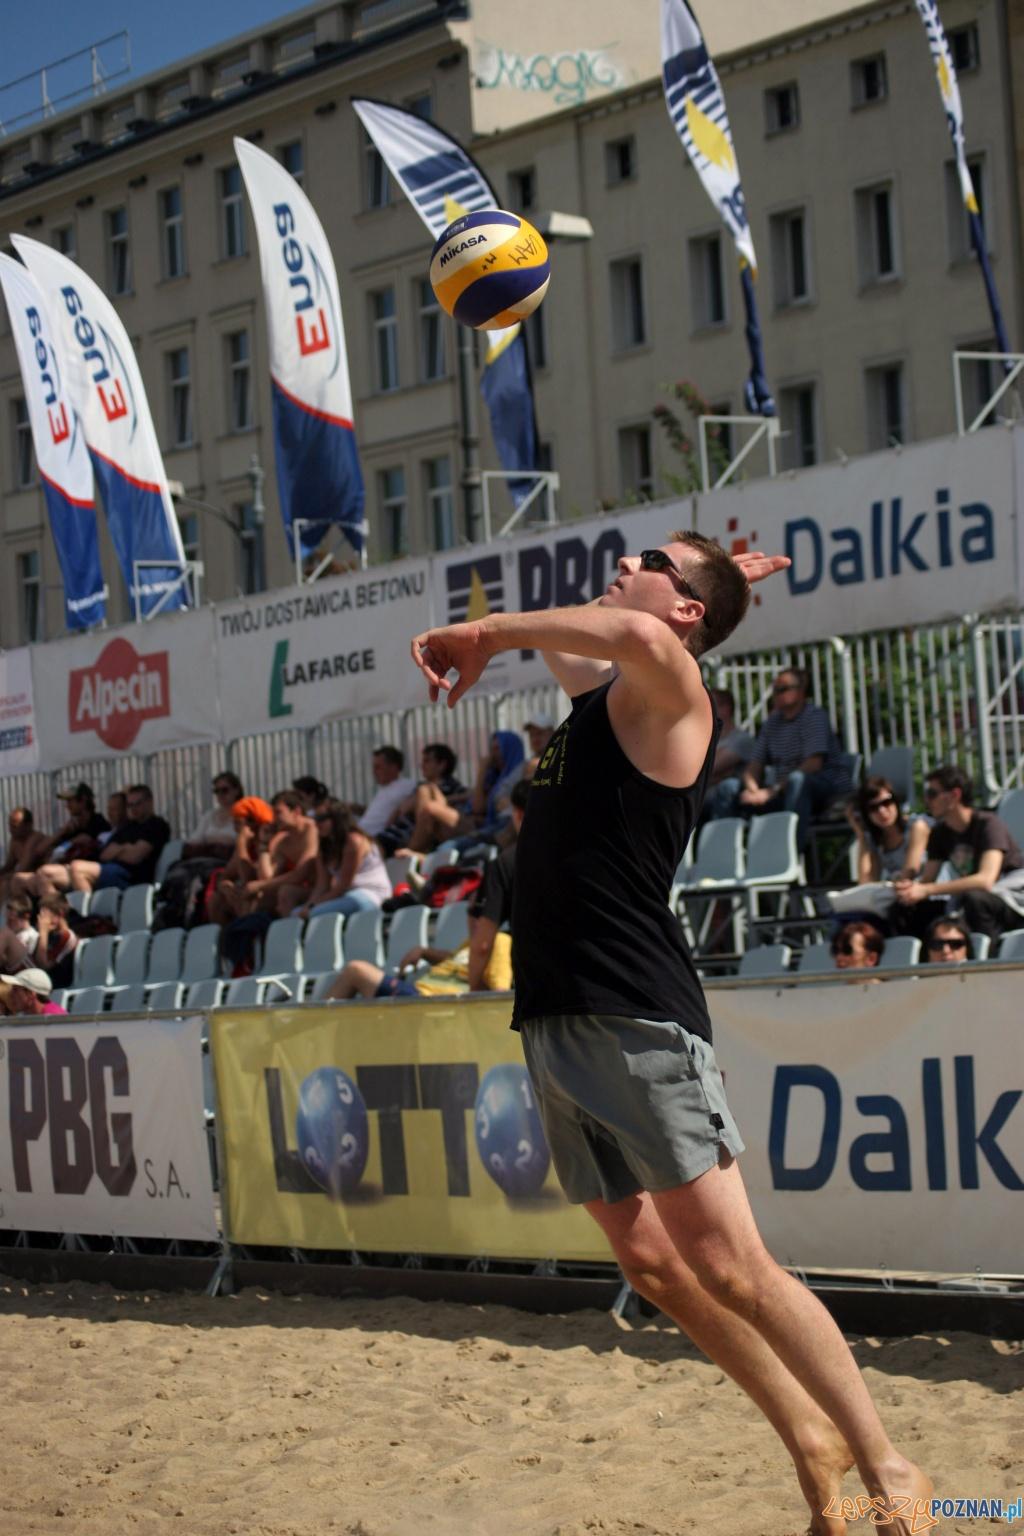 Plaża Wolności na Placu Wolności - 2010.06.04 r.  Foto: Paweł Rychter